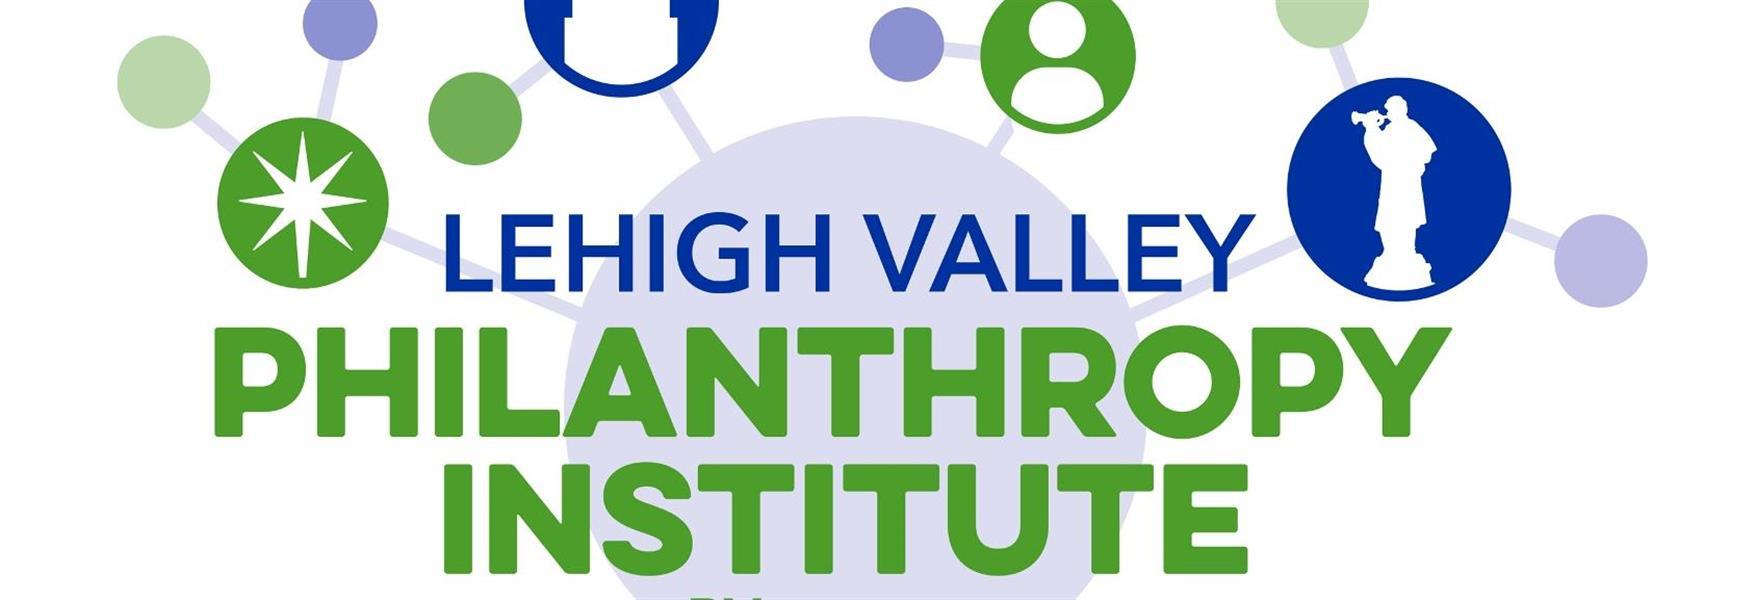 cf0438e5-65fd-41da-861c-b3cd3cf013e8_LV Philanthropy Instiute Logo 2.jpg